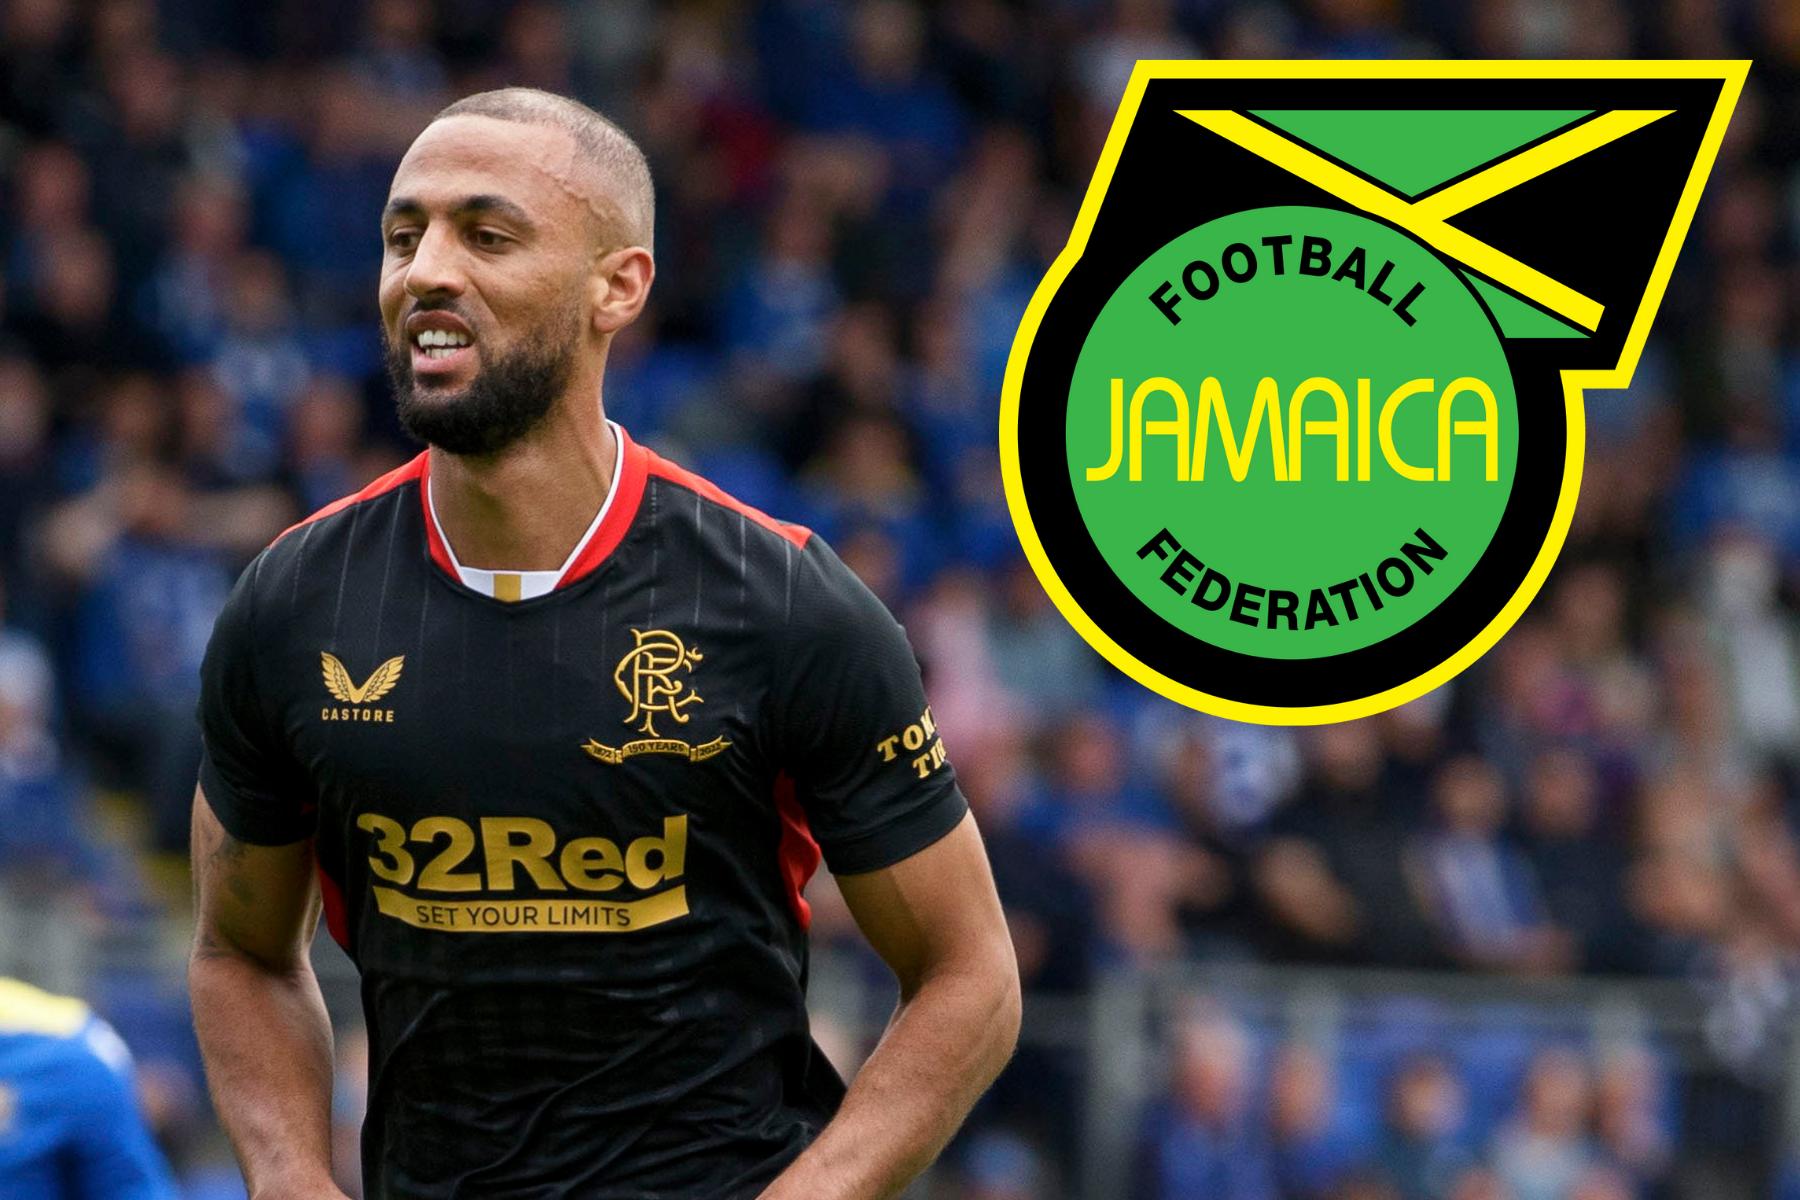 Bintang Rangers Kemar Roofe mencetak gol pertama Jamaika di kualifikasi Piala Dunia